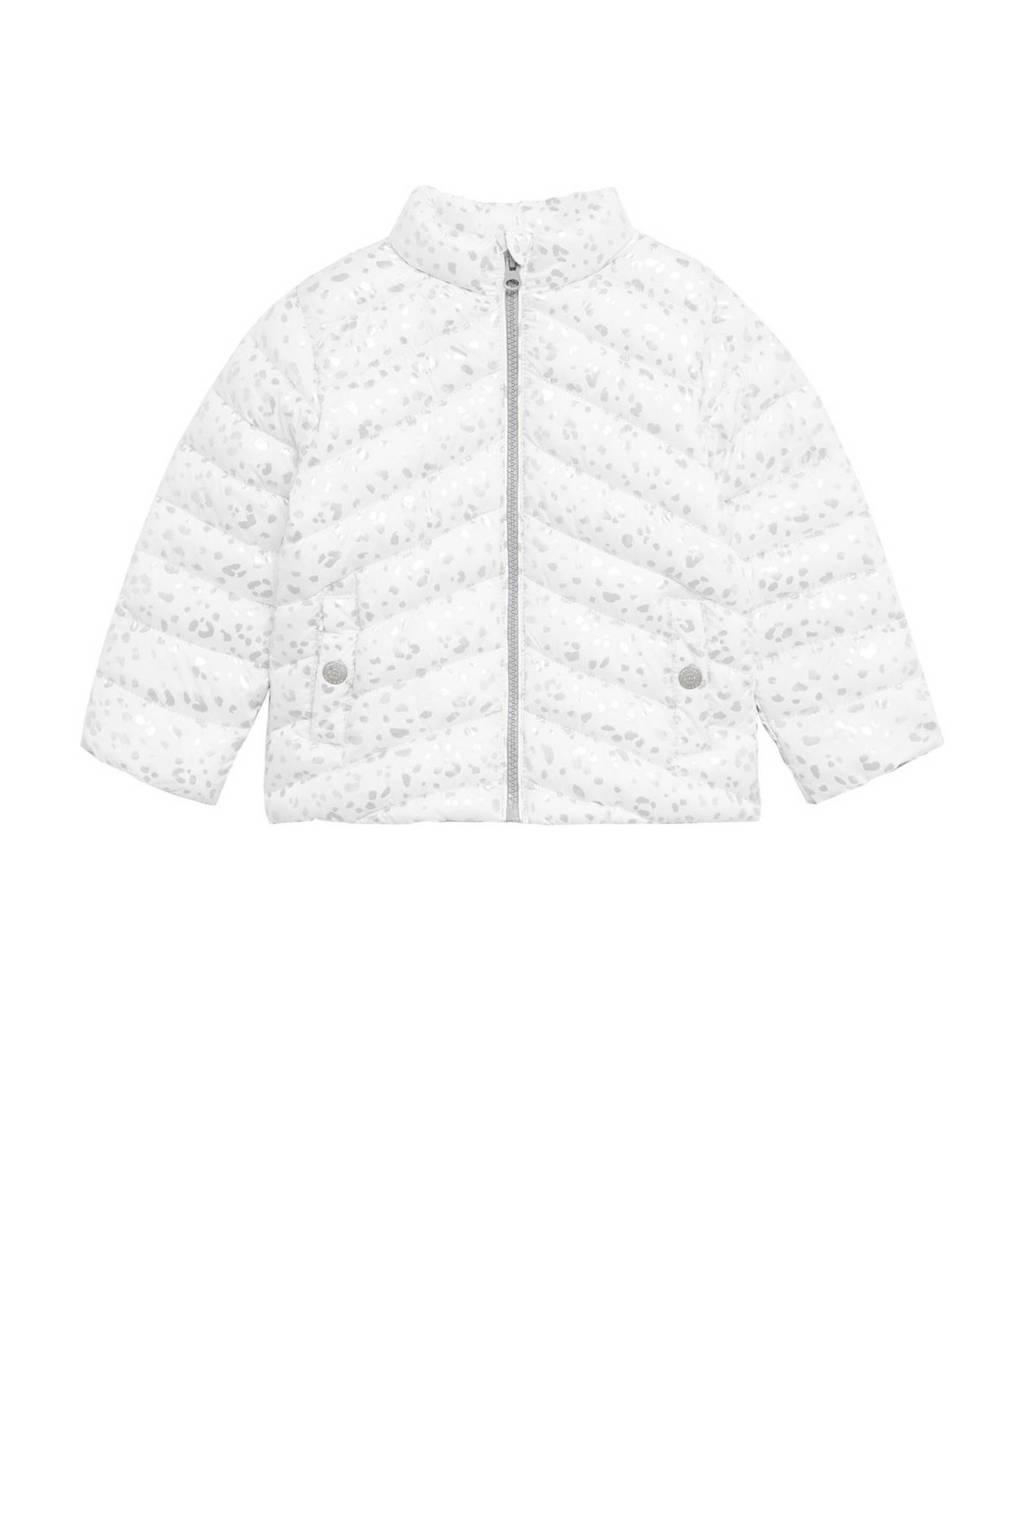 Mango Kids gewatteerde zomerjas met all over print wit/zilver, Wit/zilver